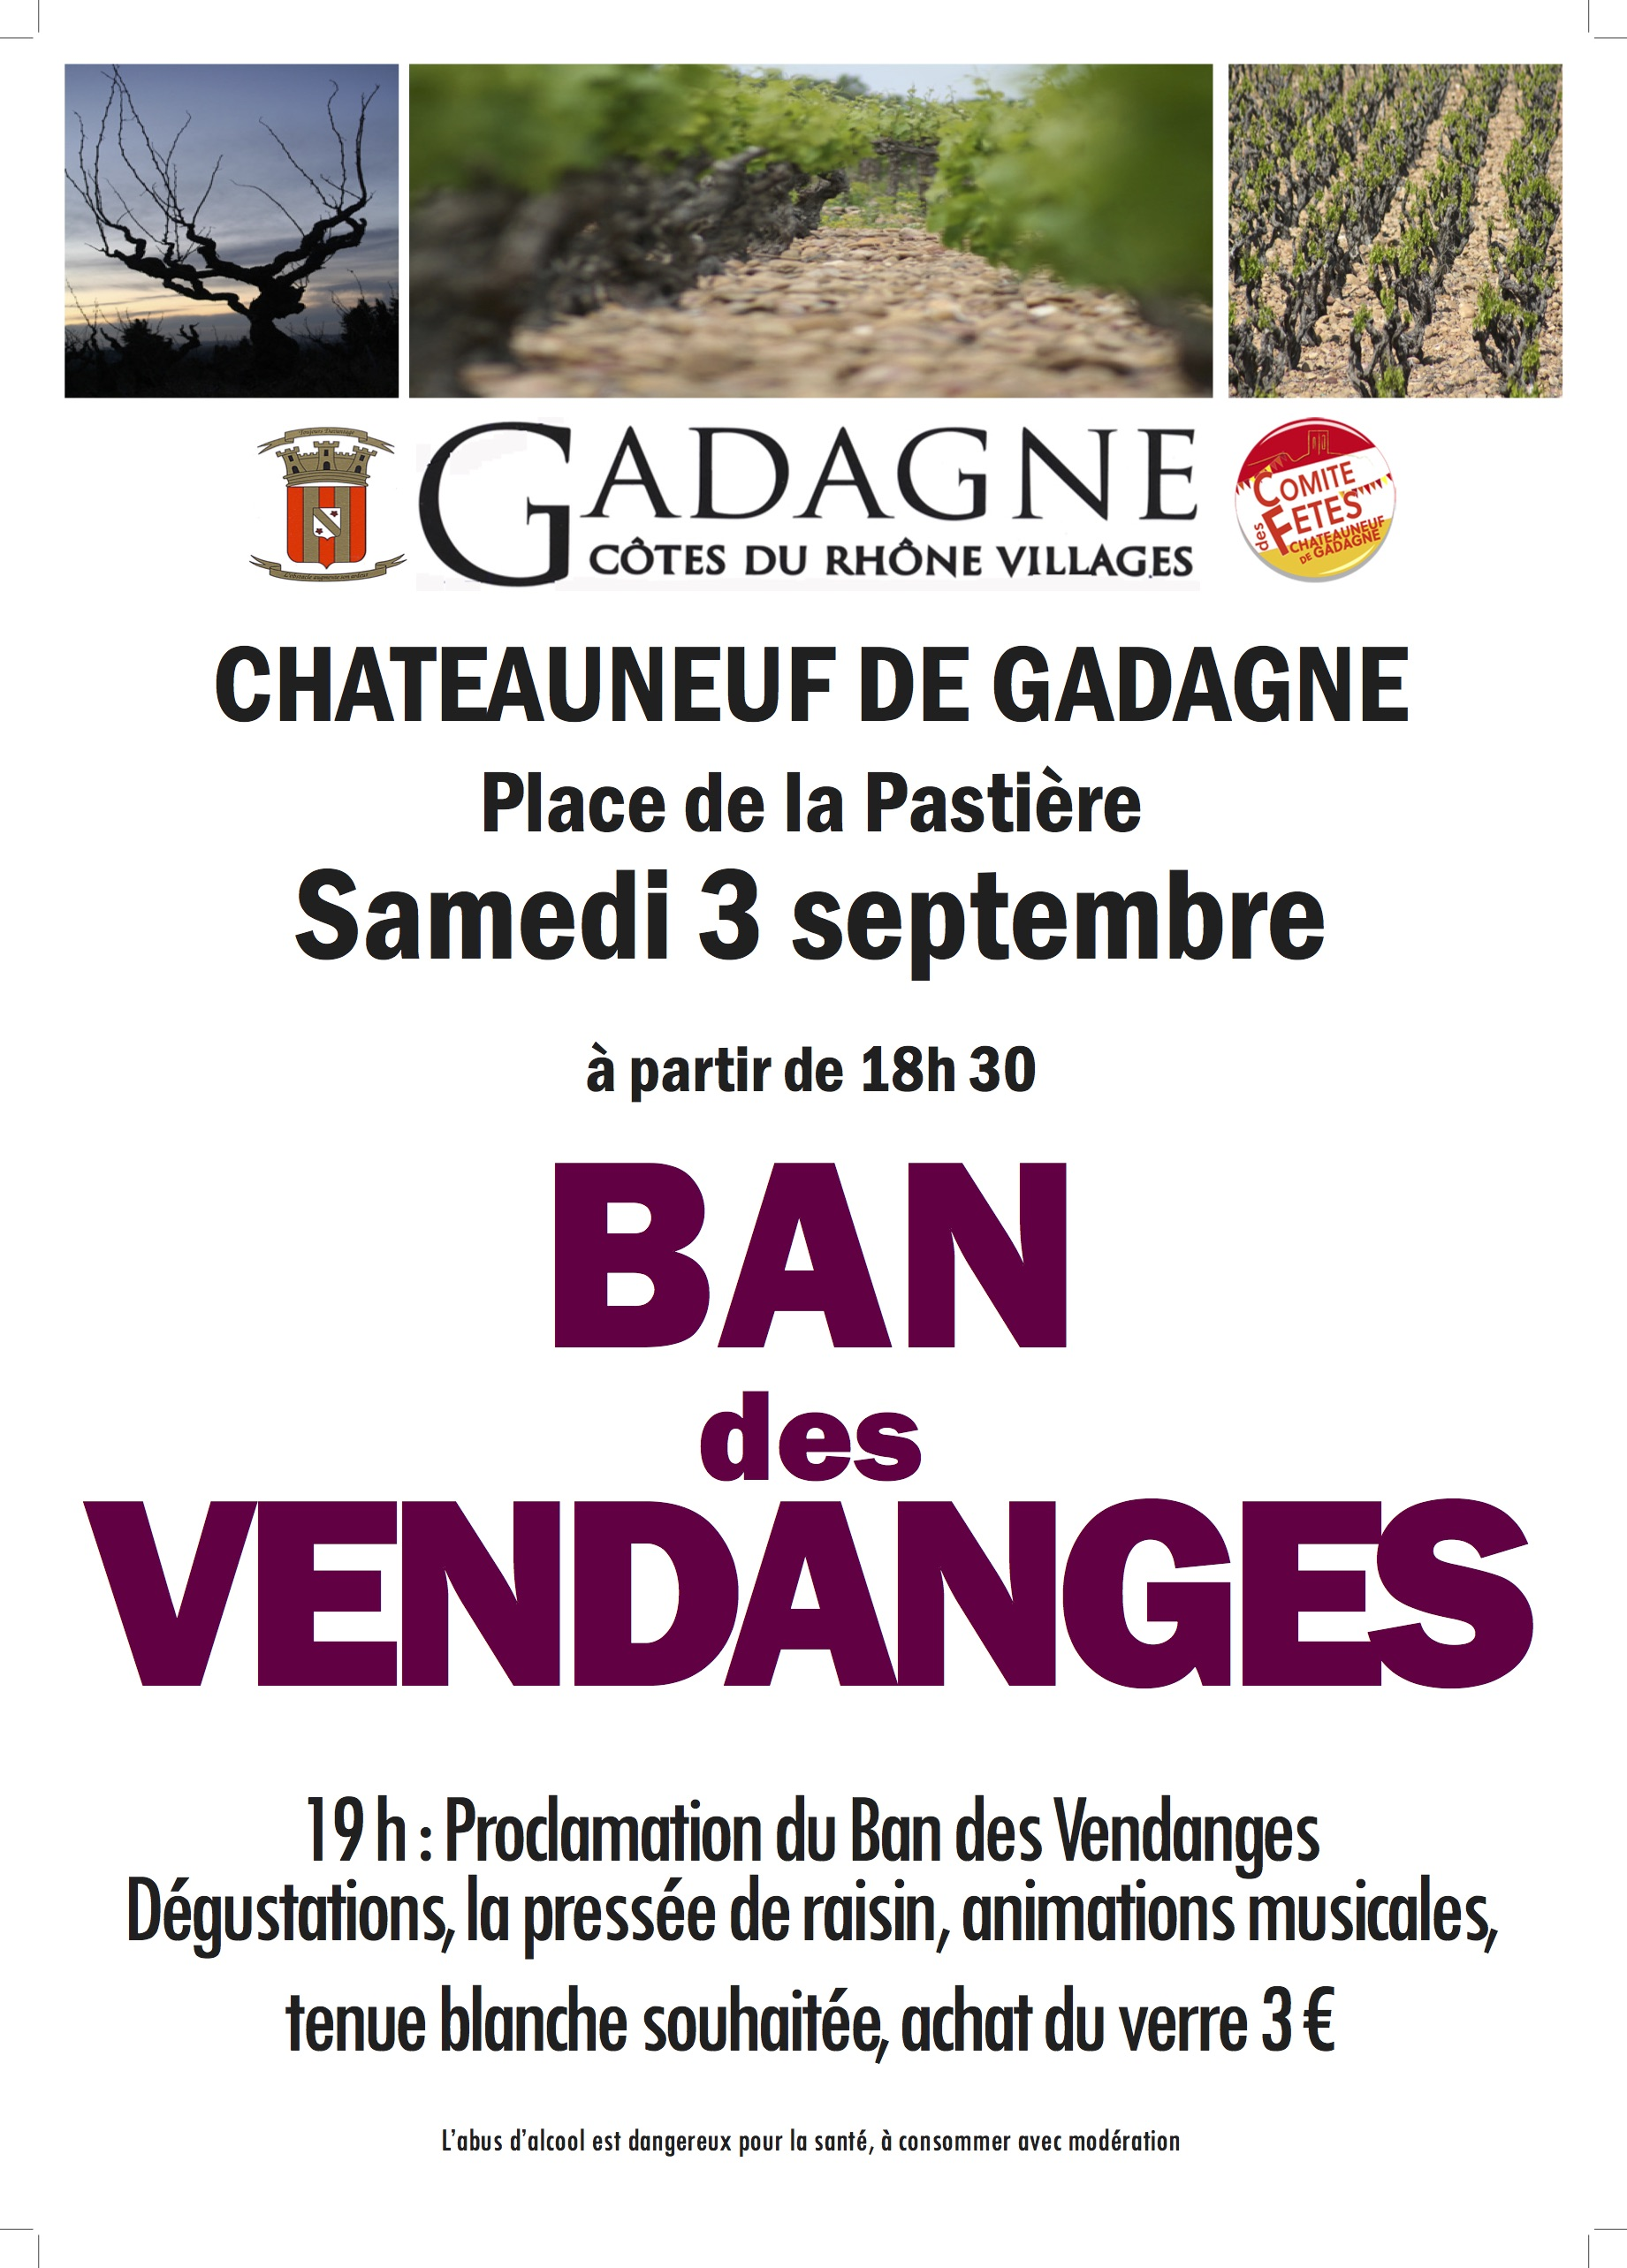 Ban des vendanges Gadagne 2016